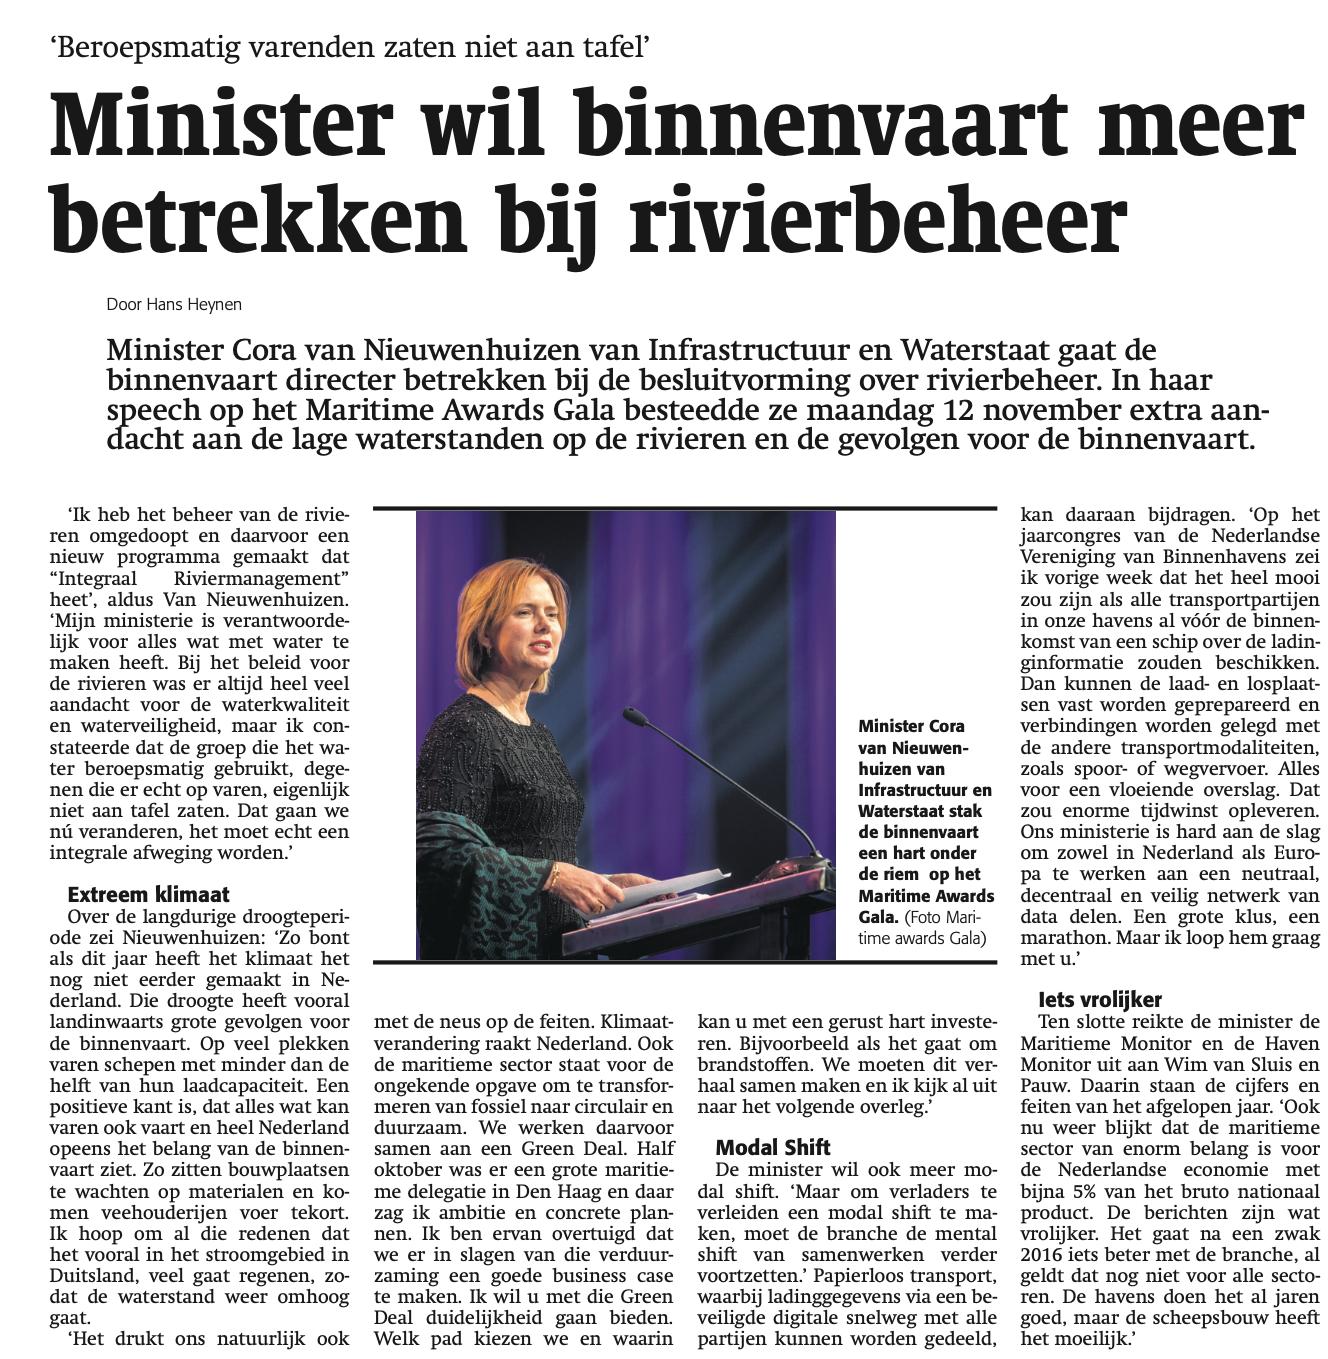 Cora van Nieuwenhuizen prijkte meer dan eens in de Schuttevaer. (Archief Schuttevaer)